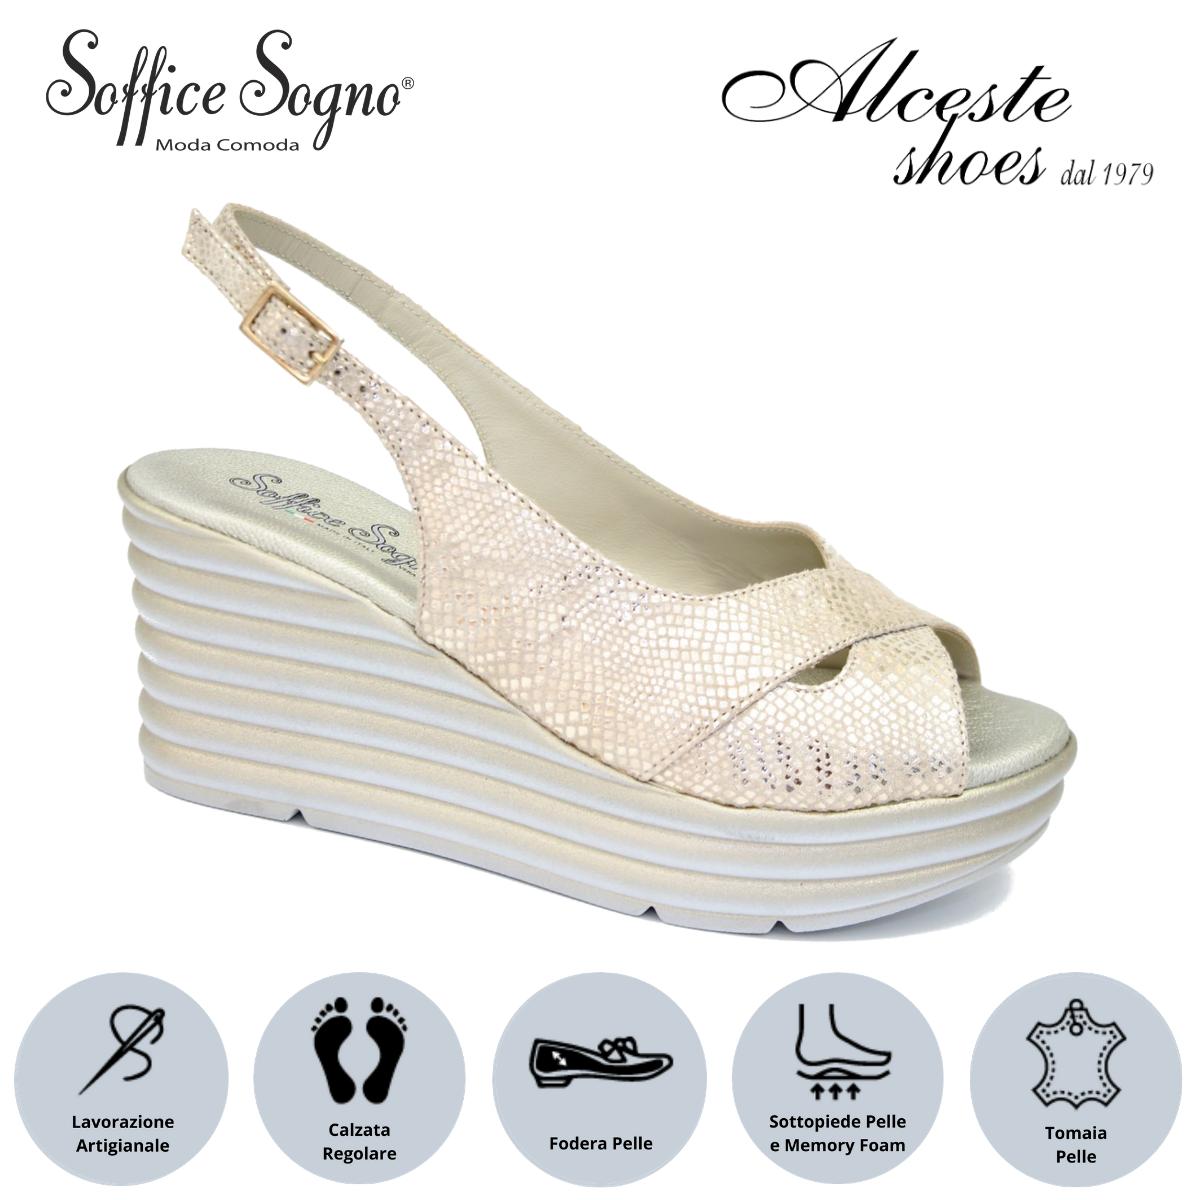 """Sandalo con Zeppa """"Soffice Sogno"""" Art. 1010 Pelle Stampata Platino Alceste Shoes 9 2"""